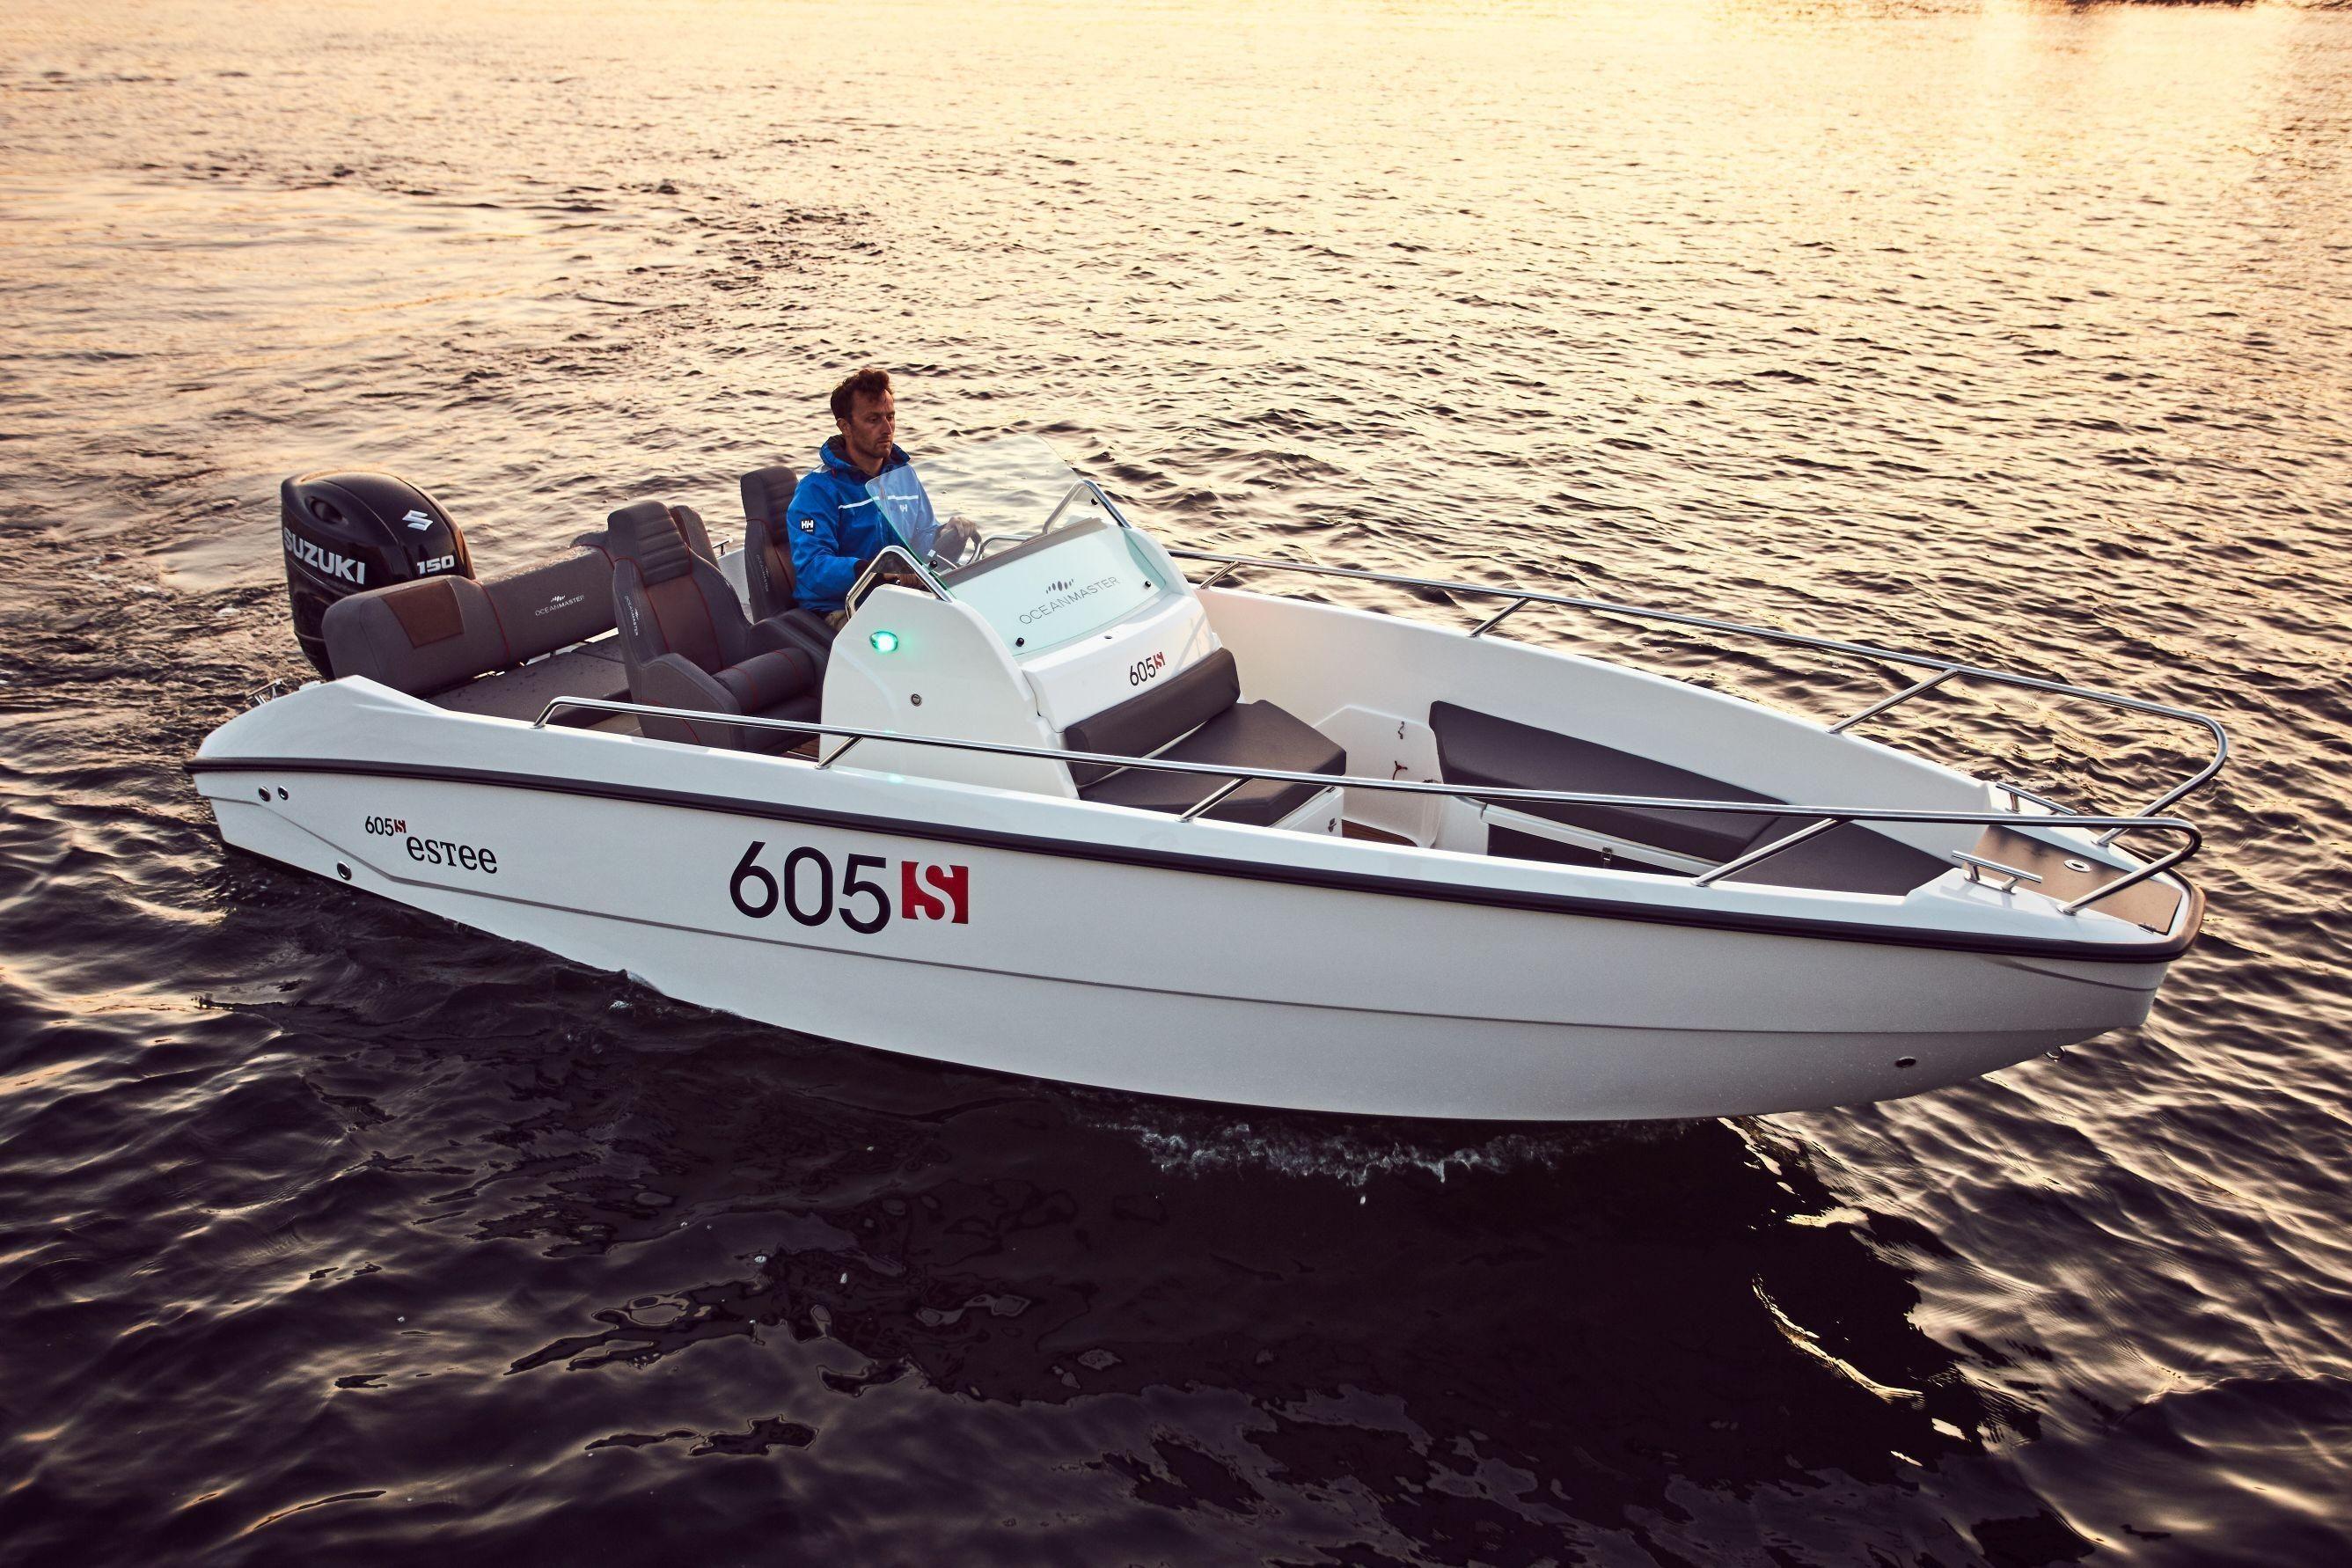 2019 Ocean Master Oceanmaster 605 Sport Power Boat For